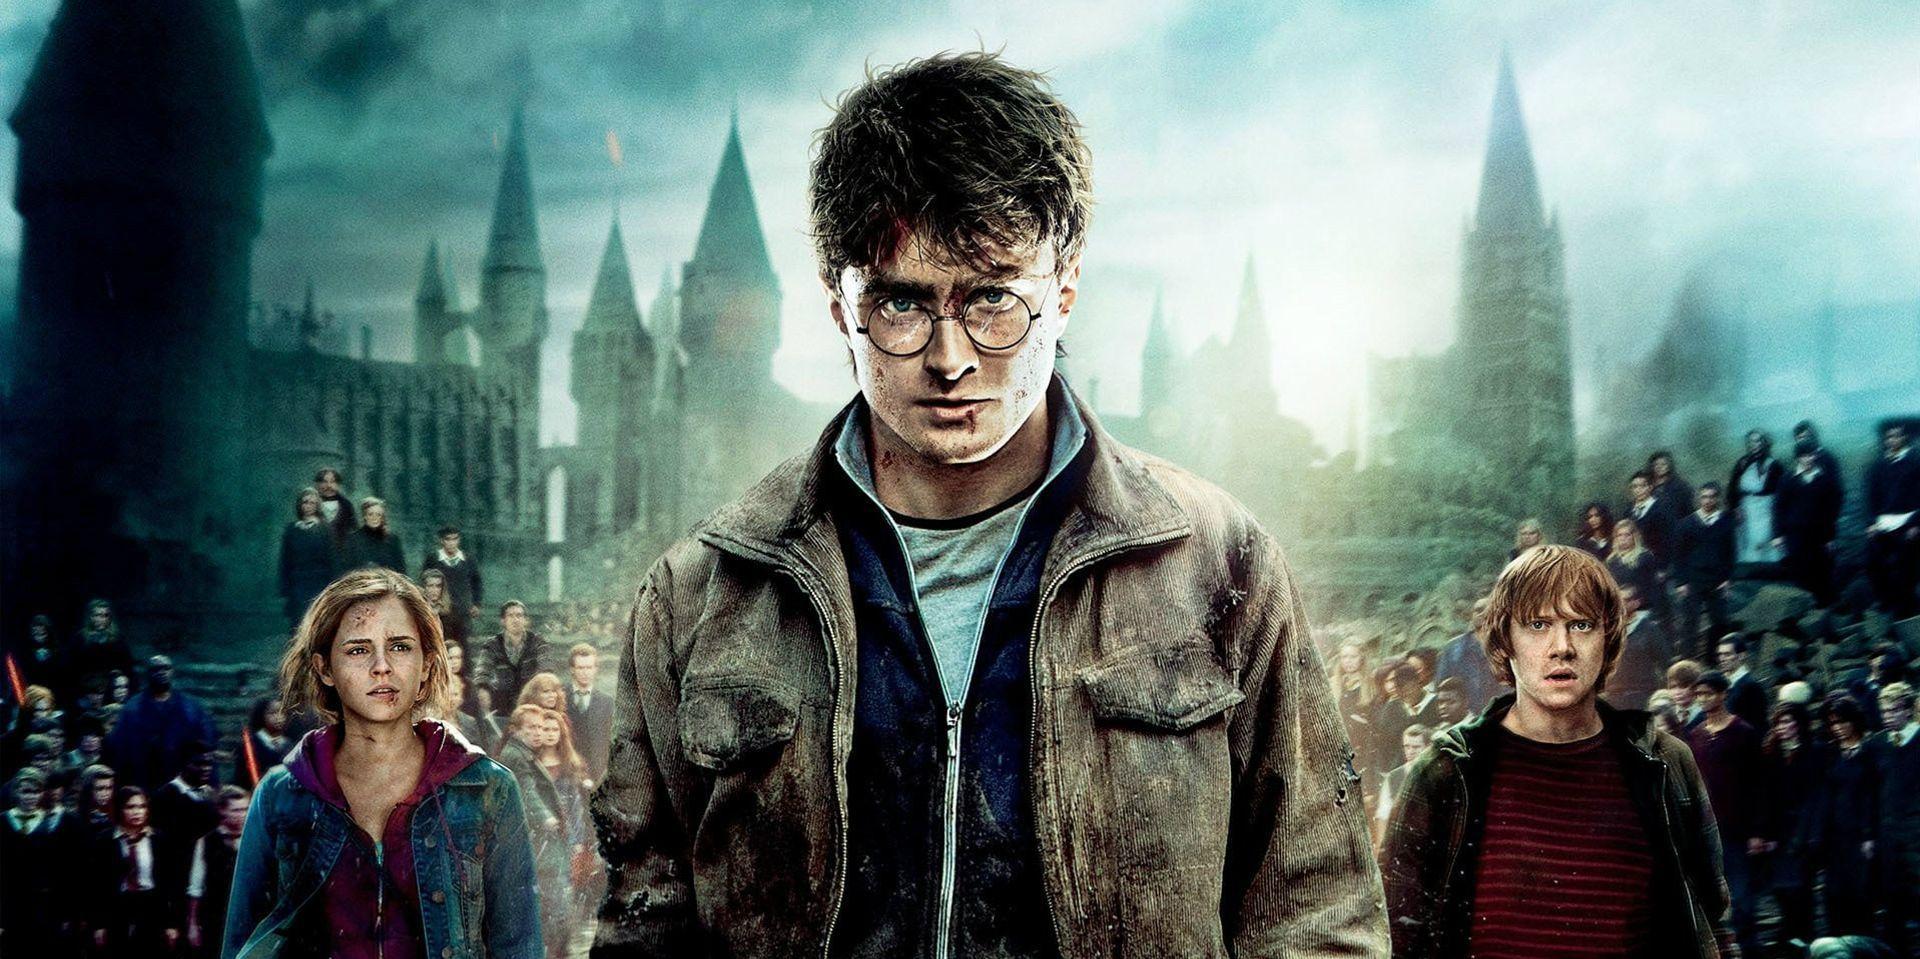 Magique Harry Potter Rejoint Netflix Harry Potter Harry Potter Film Collection Harry Potter